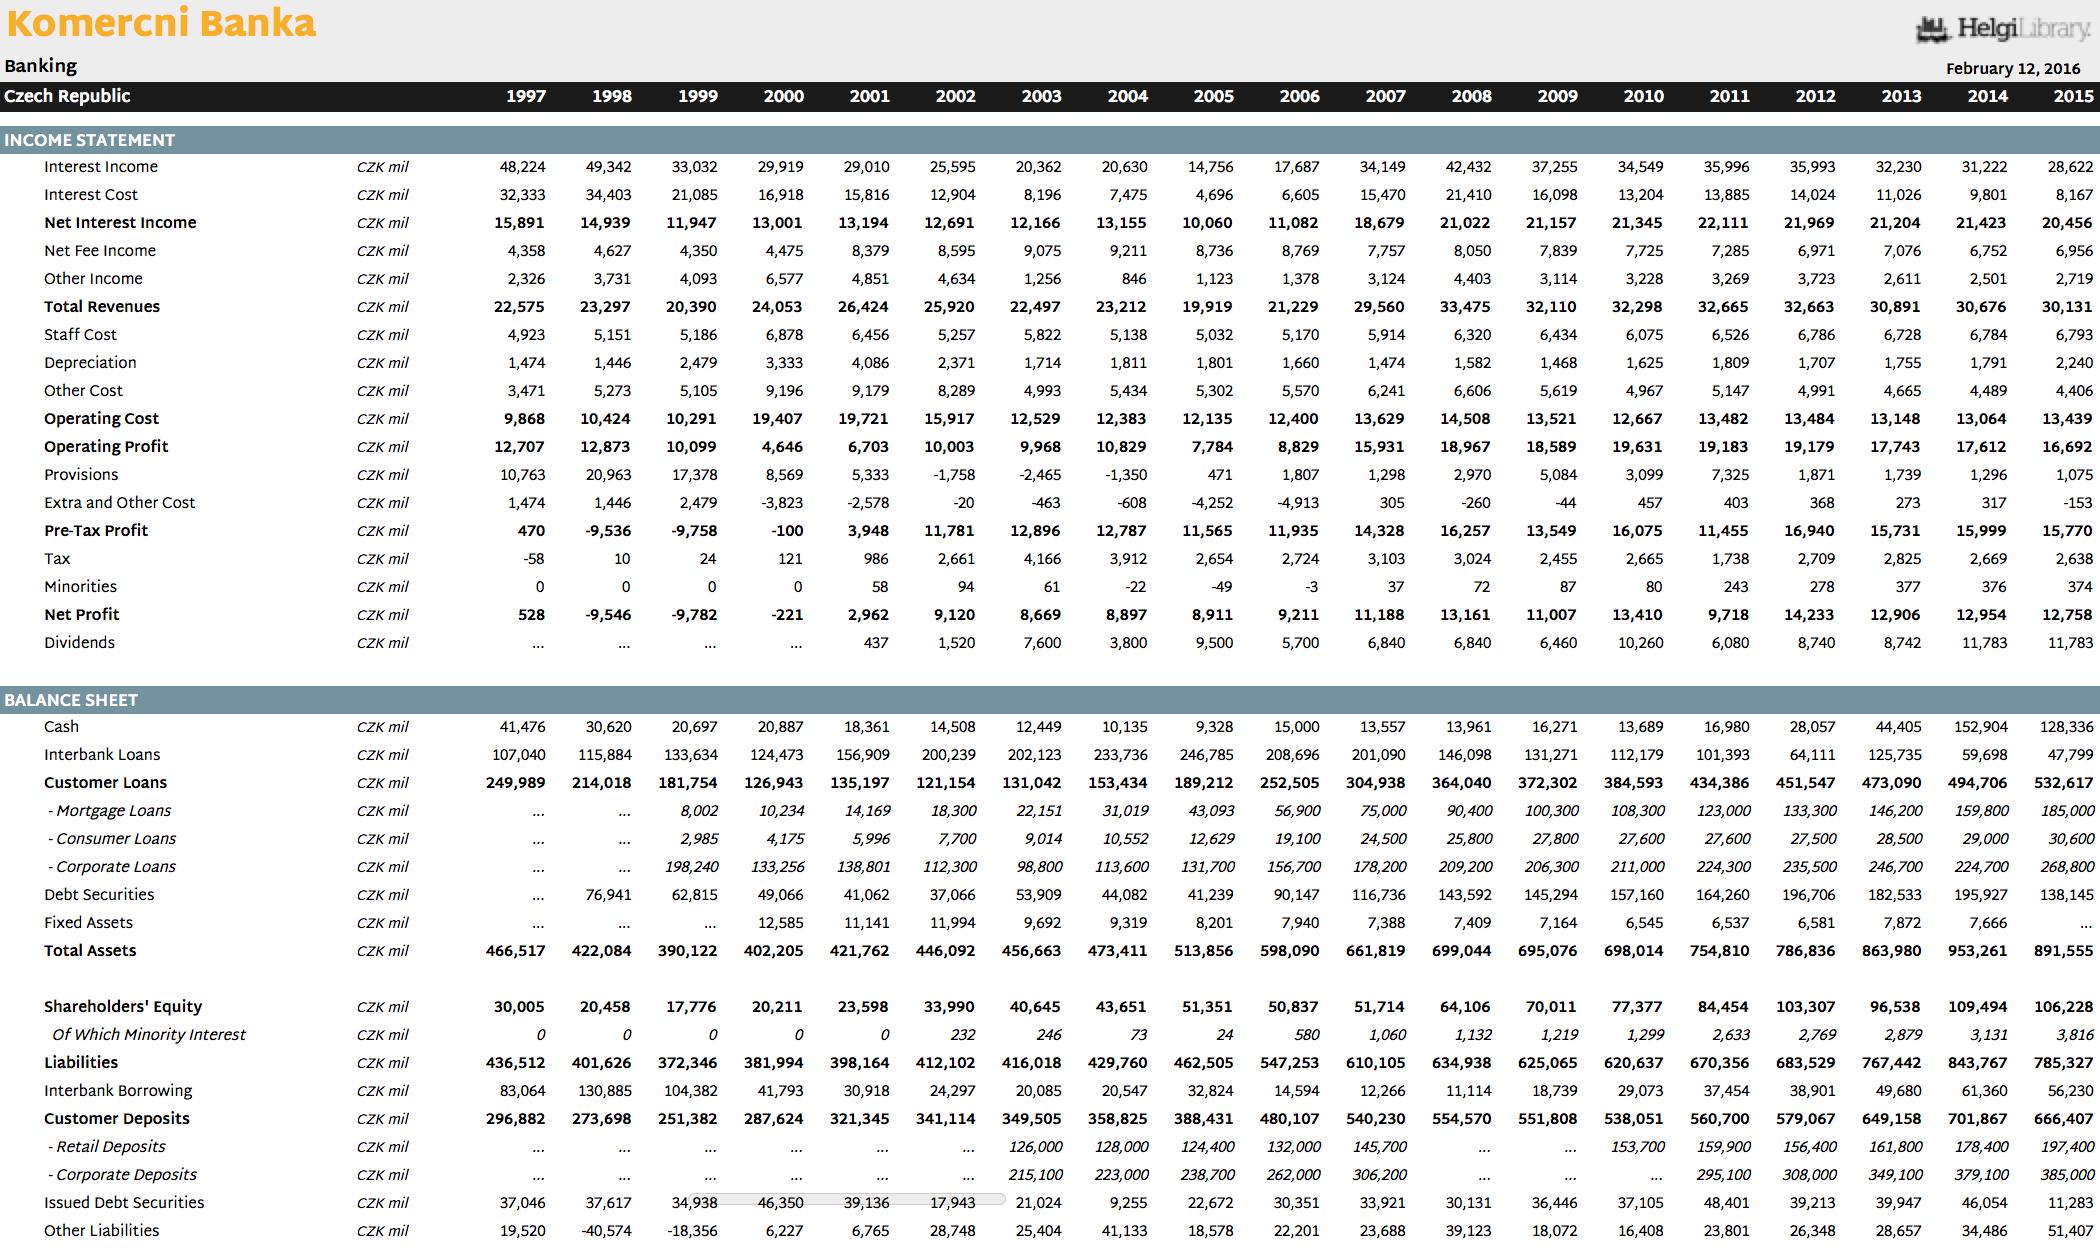 Komercni Banka in Numbers